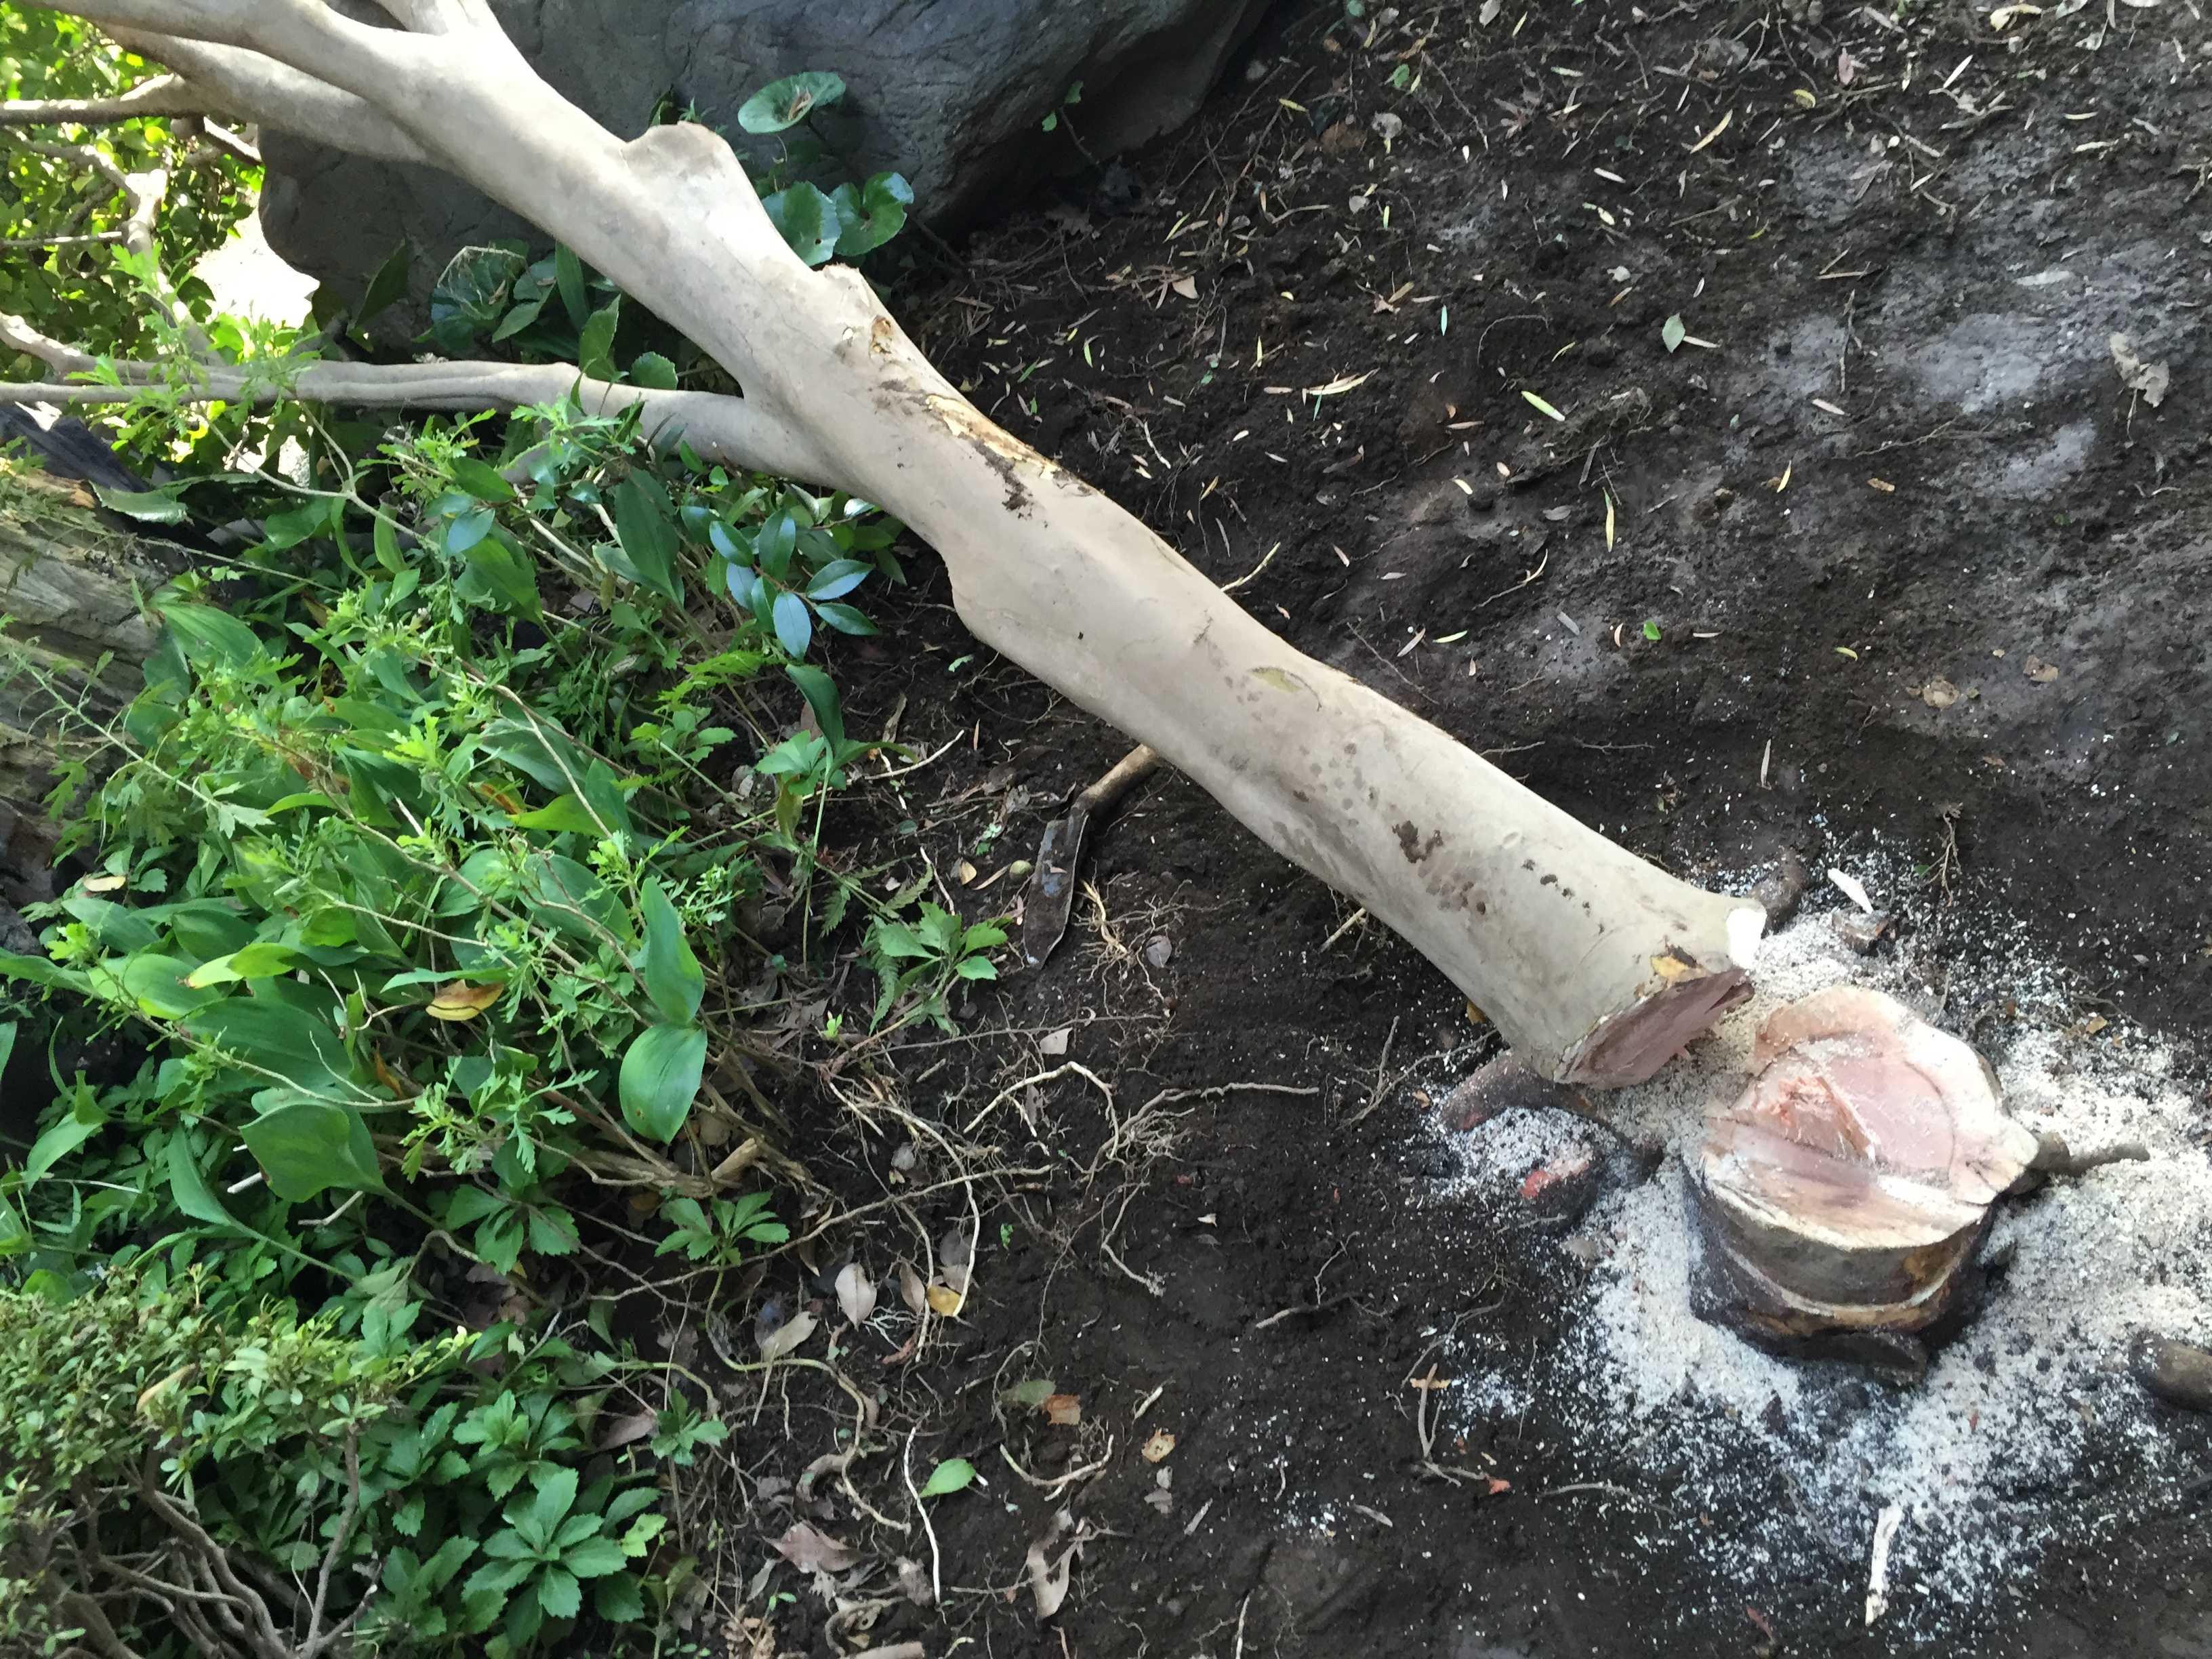 切り倒した椿(つばき)の木